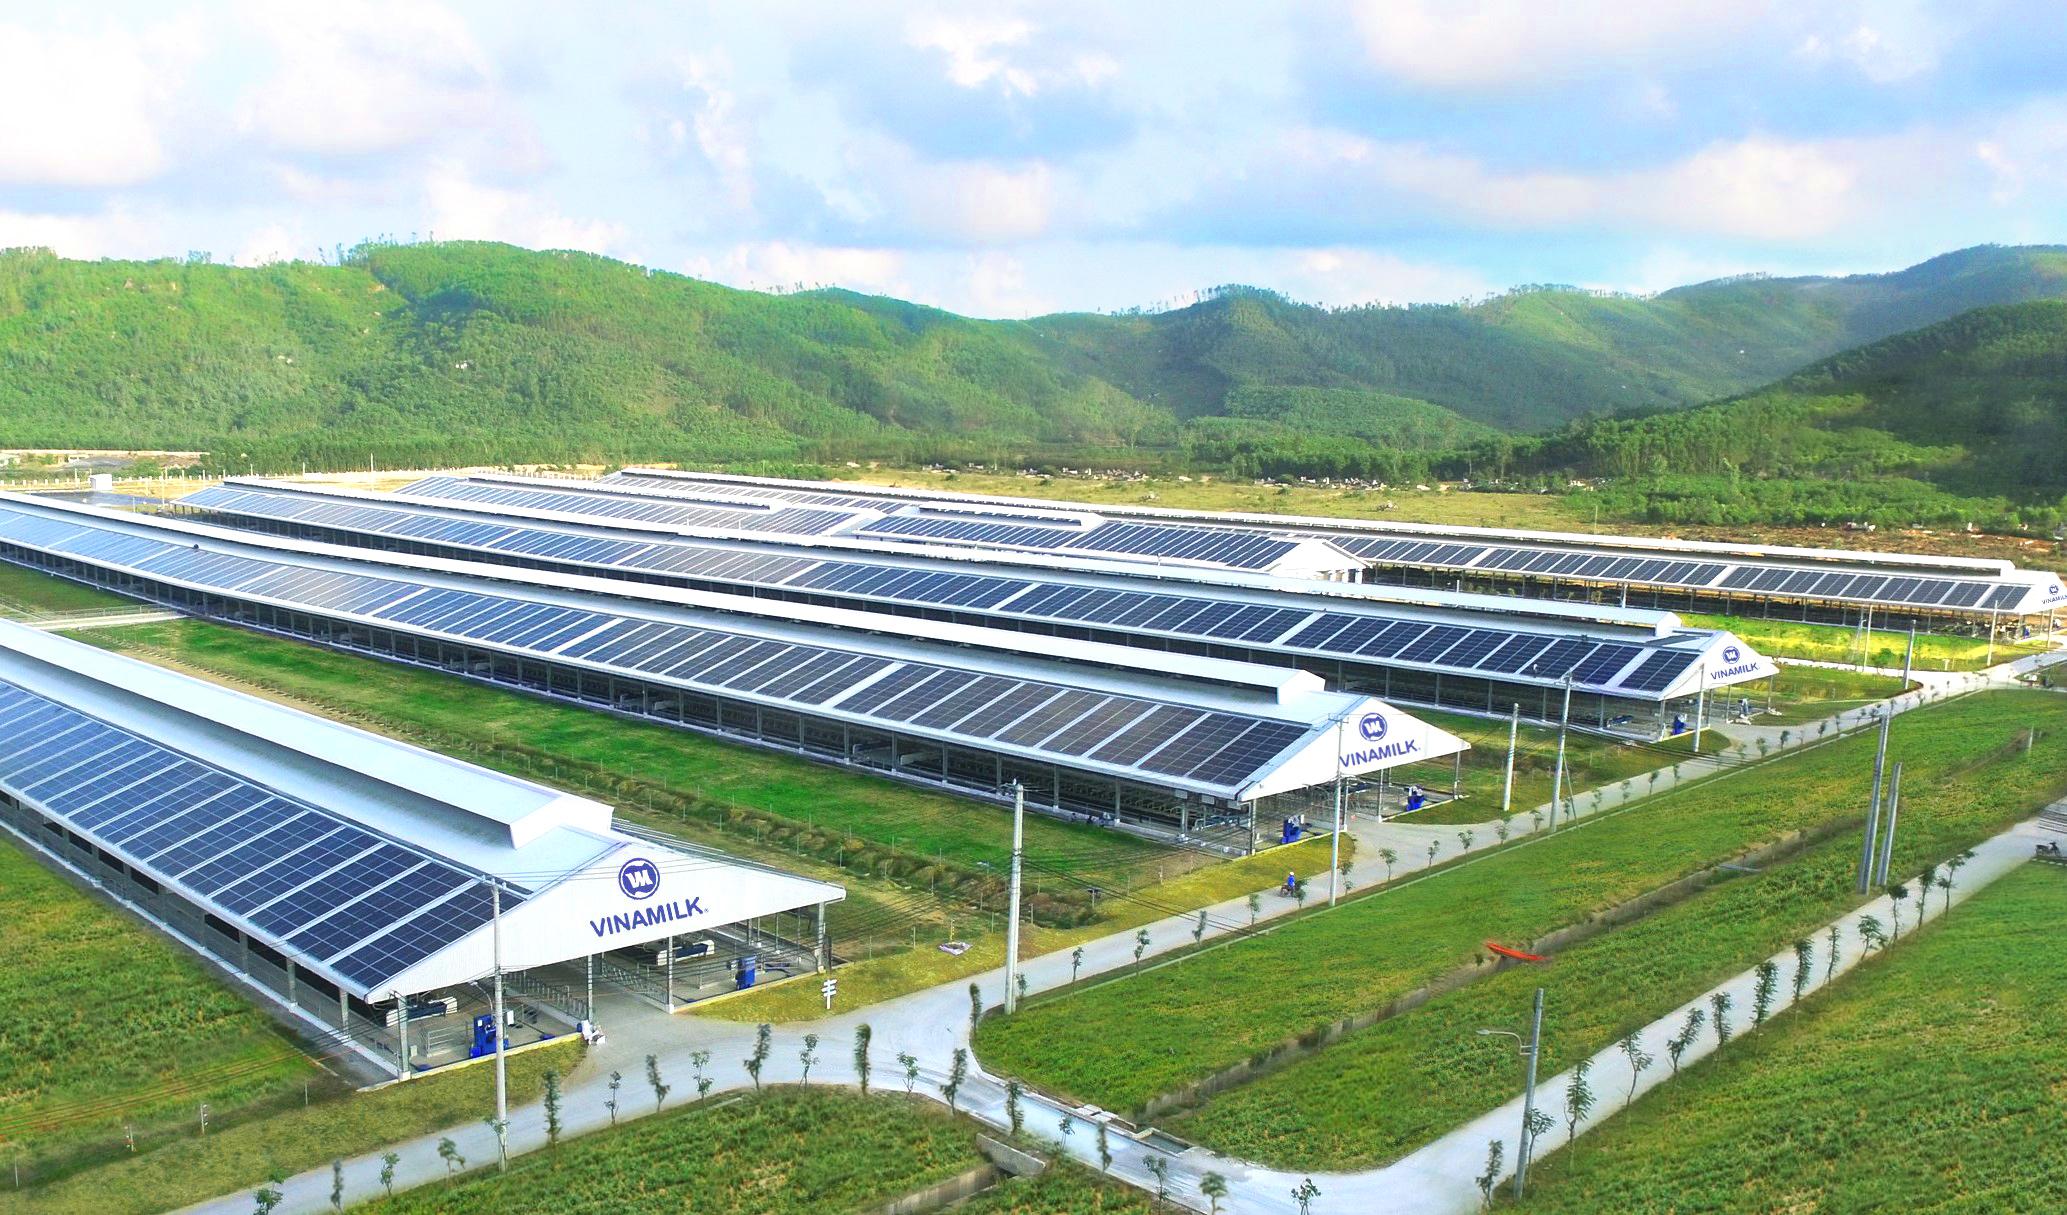 Hệ thống trang trại Vinamilk Green Farm (tạiQuảng Ngãi, Tây Ninh, Thanh Hóa) sẽ được công ty đầu tư phát triển trong thời gian tới.